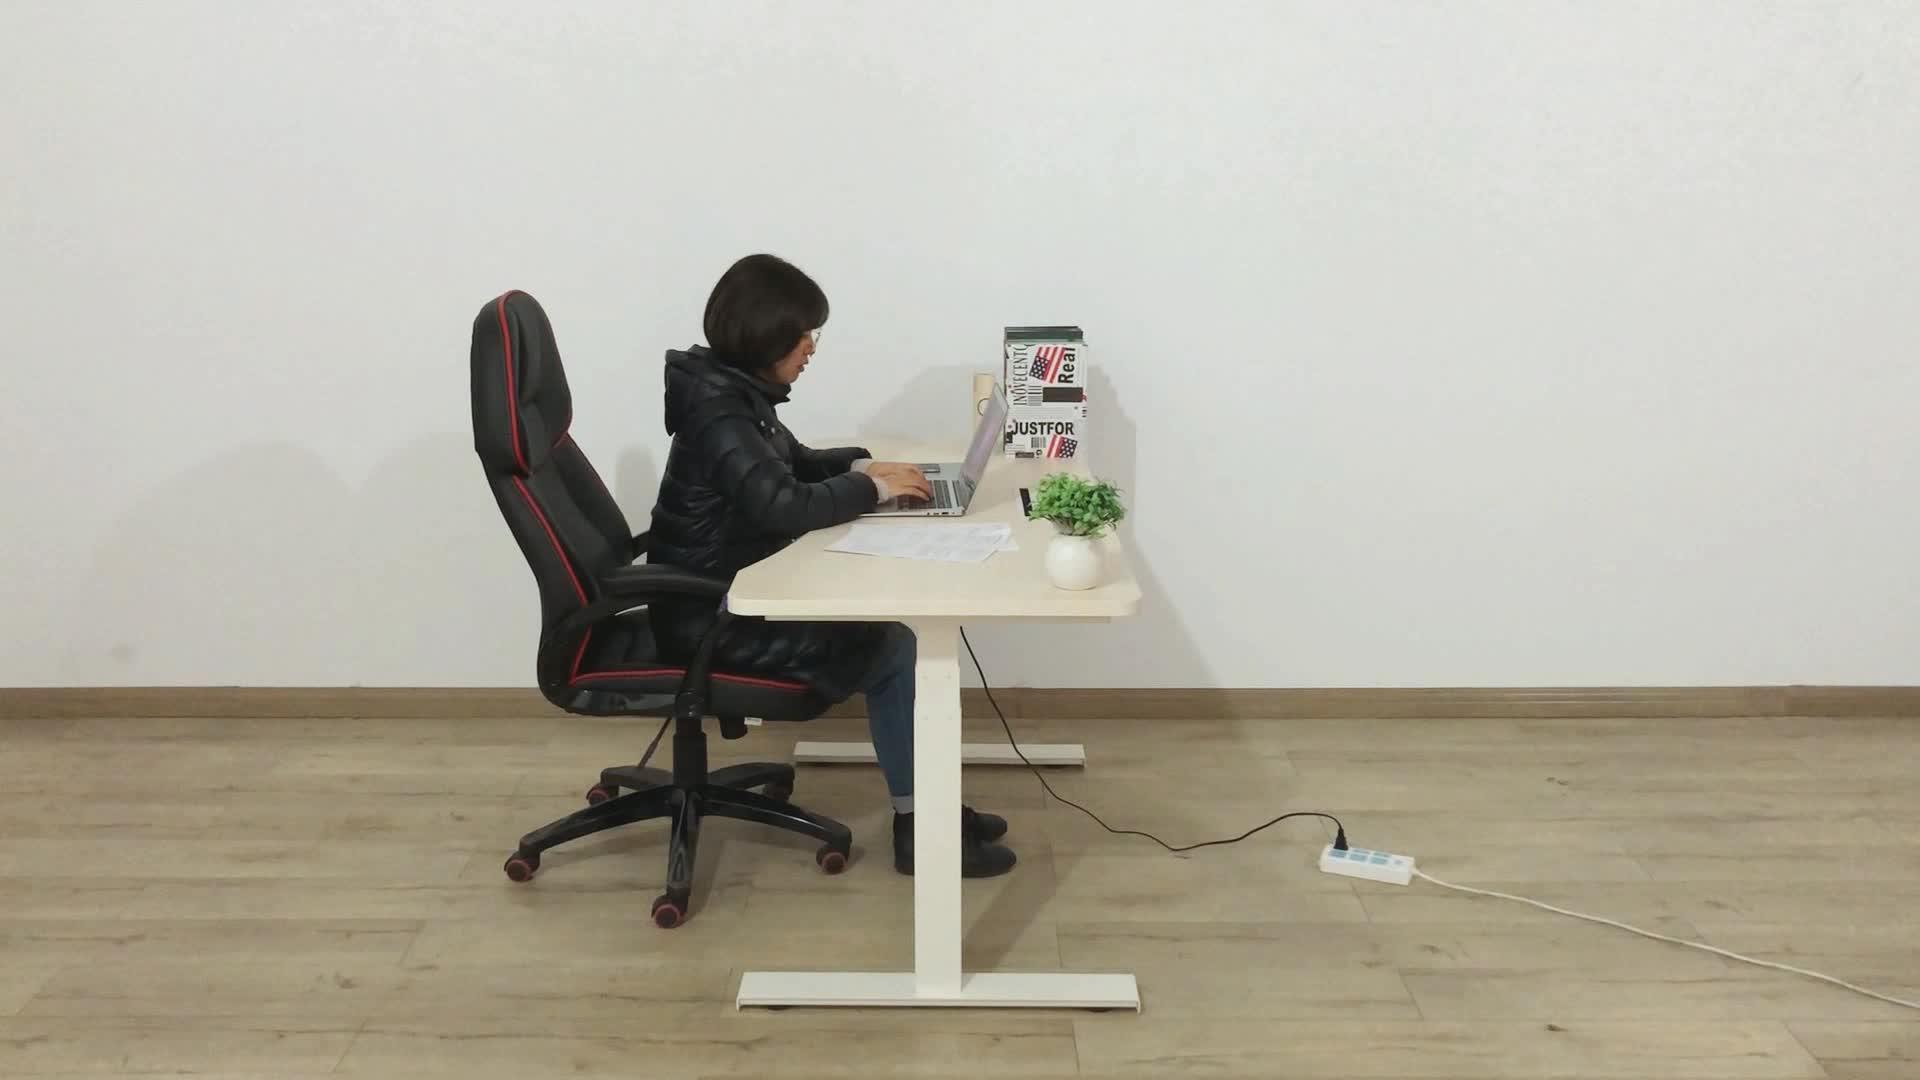 전기 서 업 메트 vintage desk adjustable; 사이즈245 & # 에 서/서 메트 vintage desk 와 Dual Motor 3 Stage 업 리프팅 다리 & #